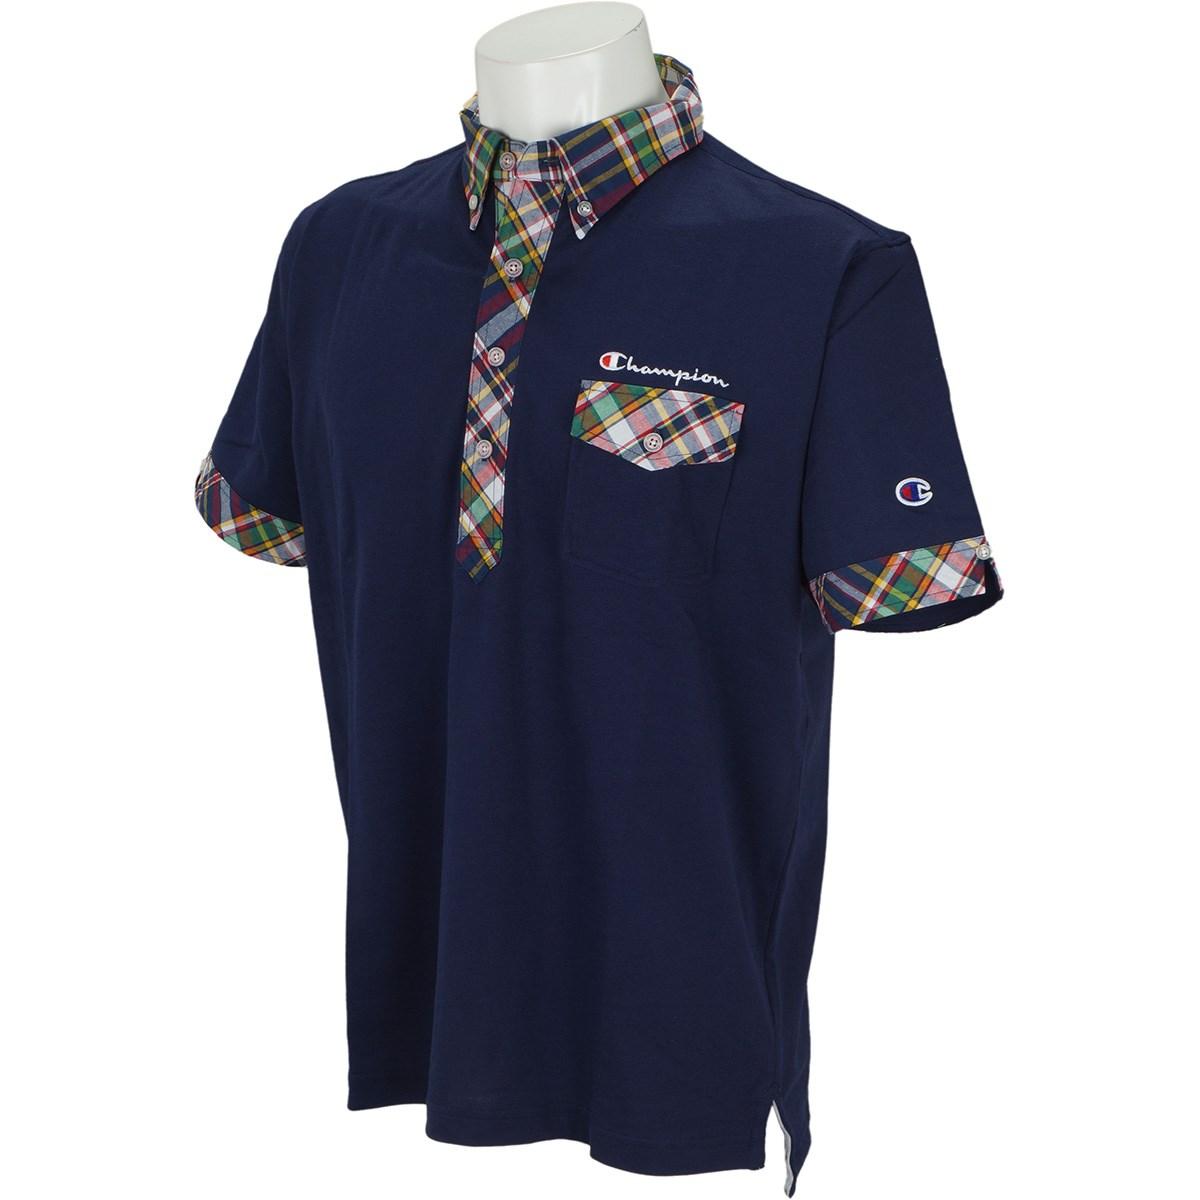 チャンピオン ストレッチ ワイドシルエット アメリカンチェック襟 半袖ポロシャツ